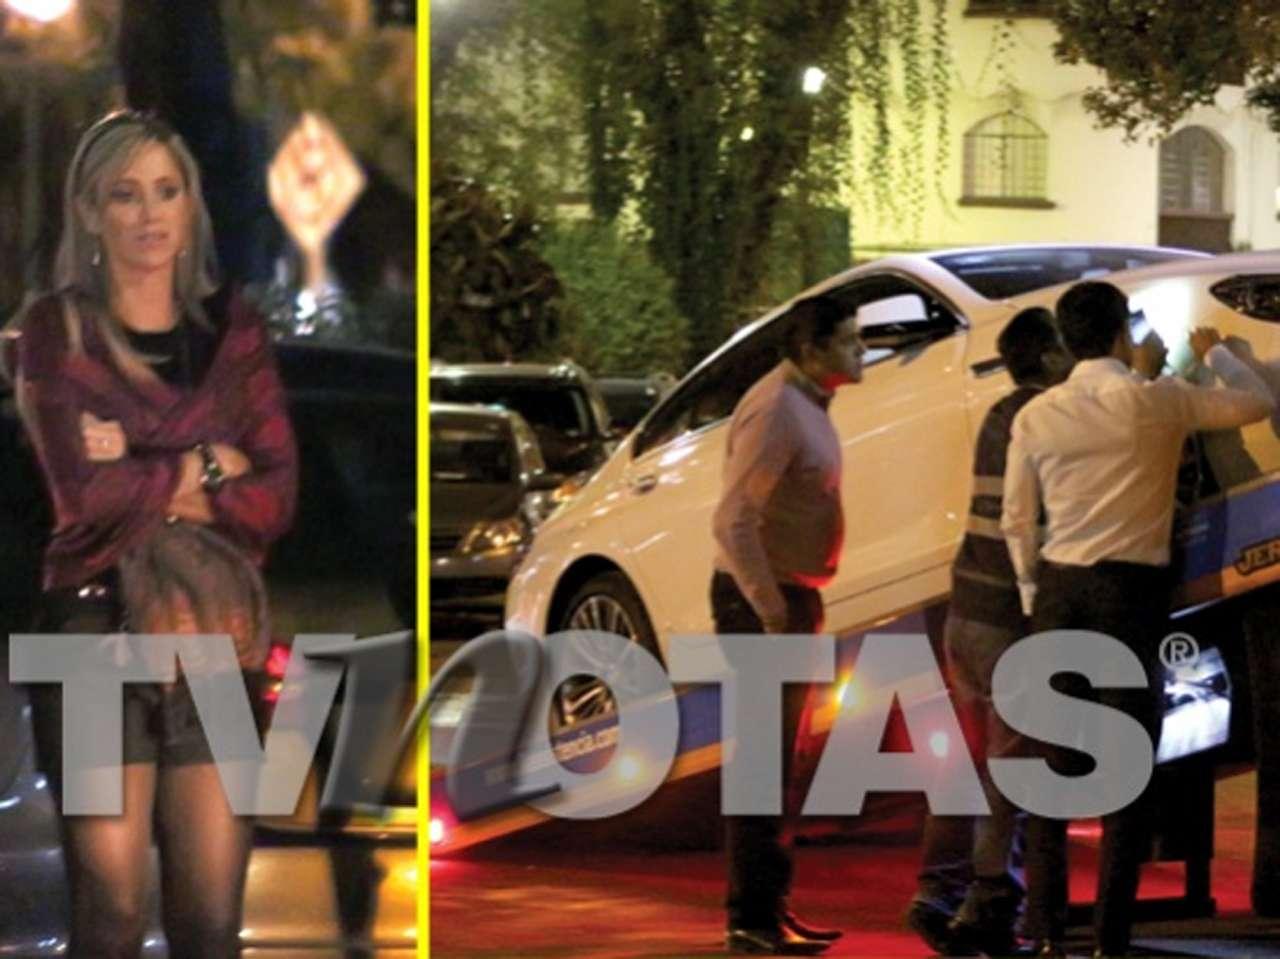 Inés Sainz llamó a su esposo para que fuera por ella luego del mal momento que pasó por los daños a su automóvil de lujo. Foto: TV Notas